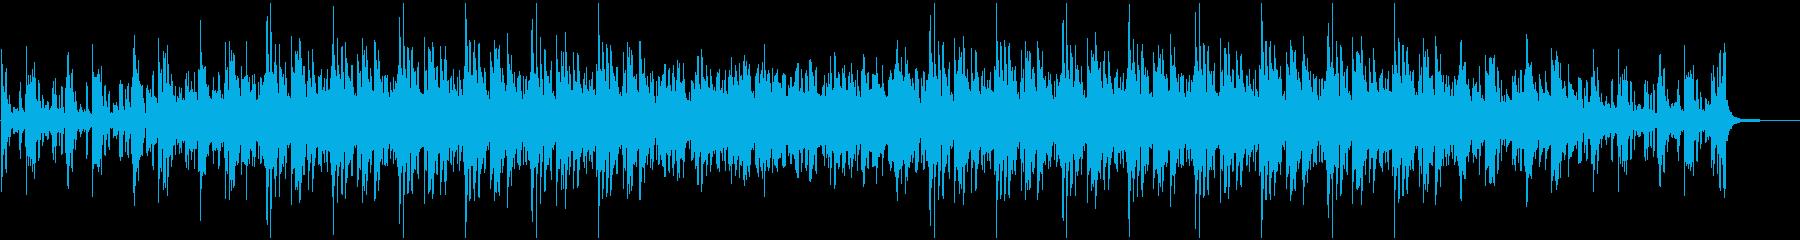 綺麗で切ないピアノメインのBGMの再生済みの波形